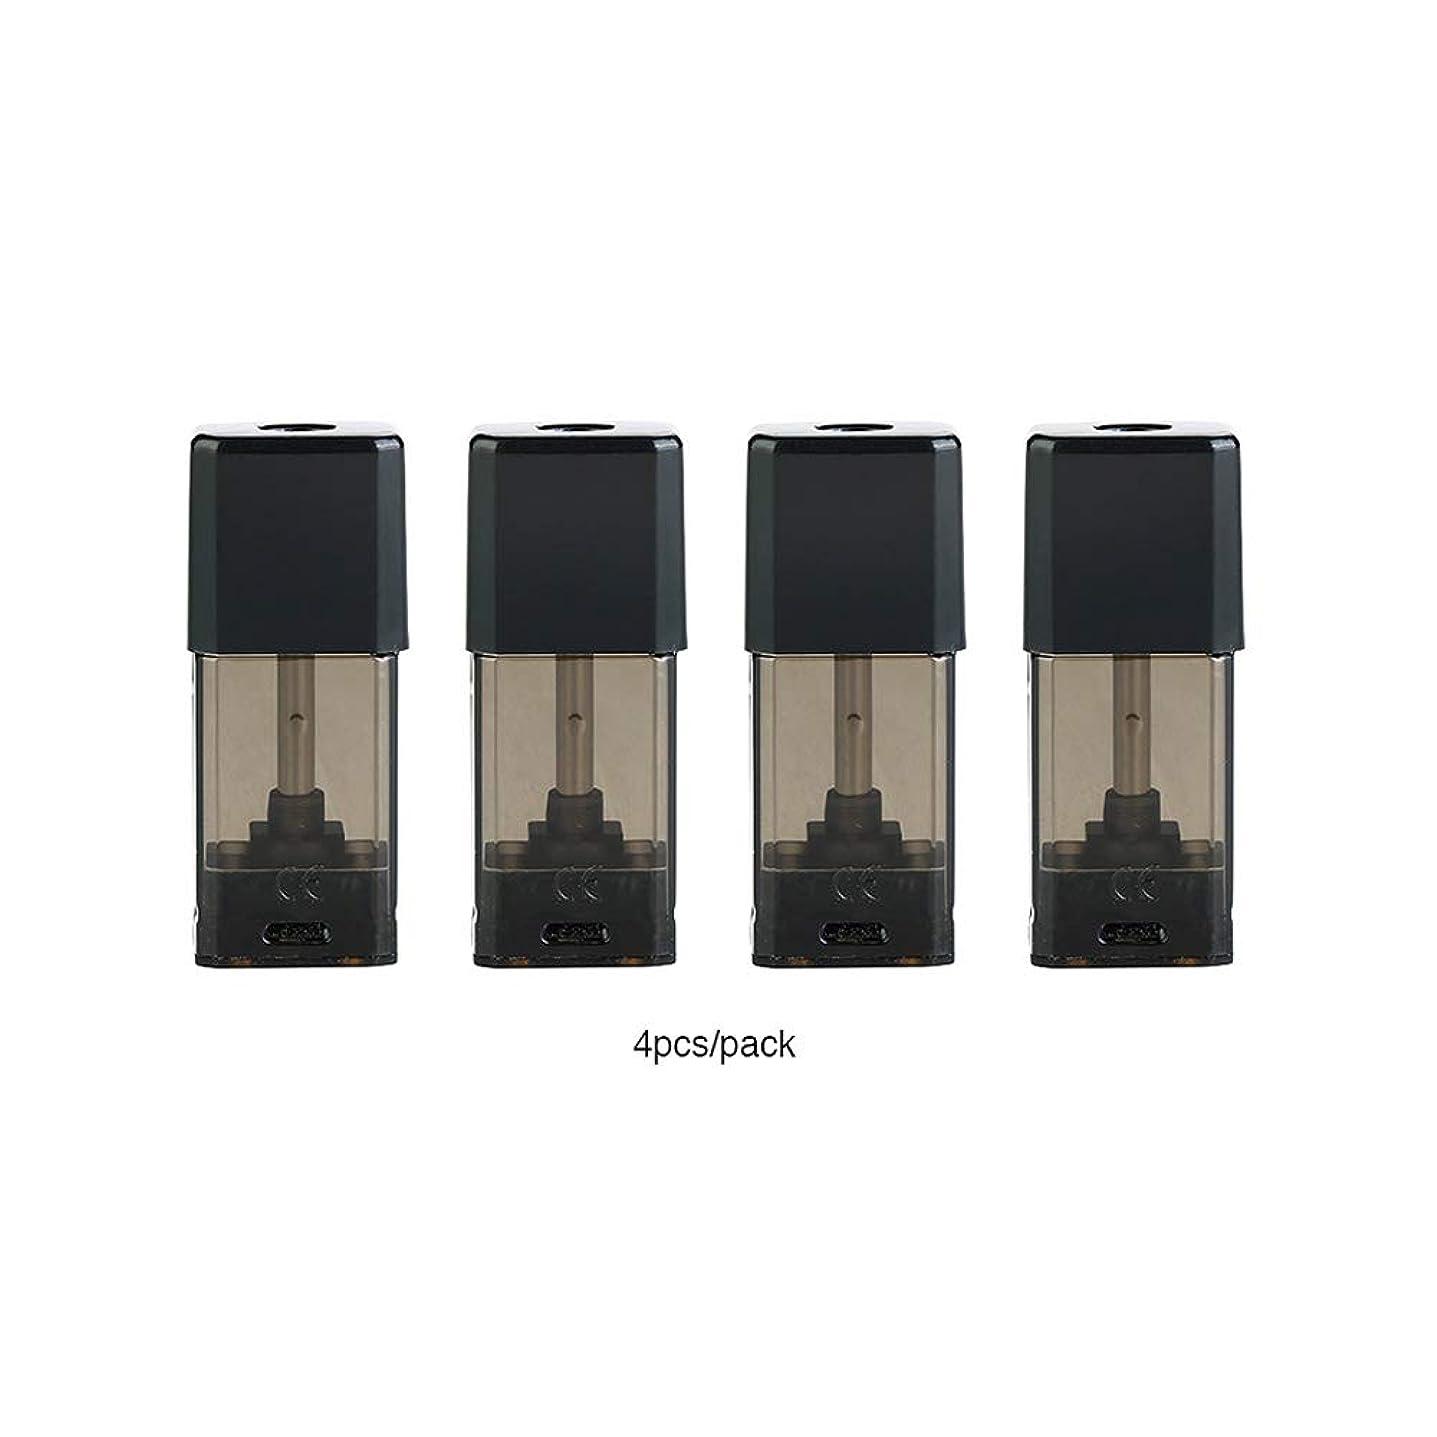 移動プレビュー委託Authentic VOOPOO DRAG Nano Pod Cartridge 1.0ml (4pcs/pack) 【正規品】電子タバコセット 電子タバコ弾(4つ/箱)